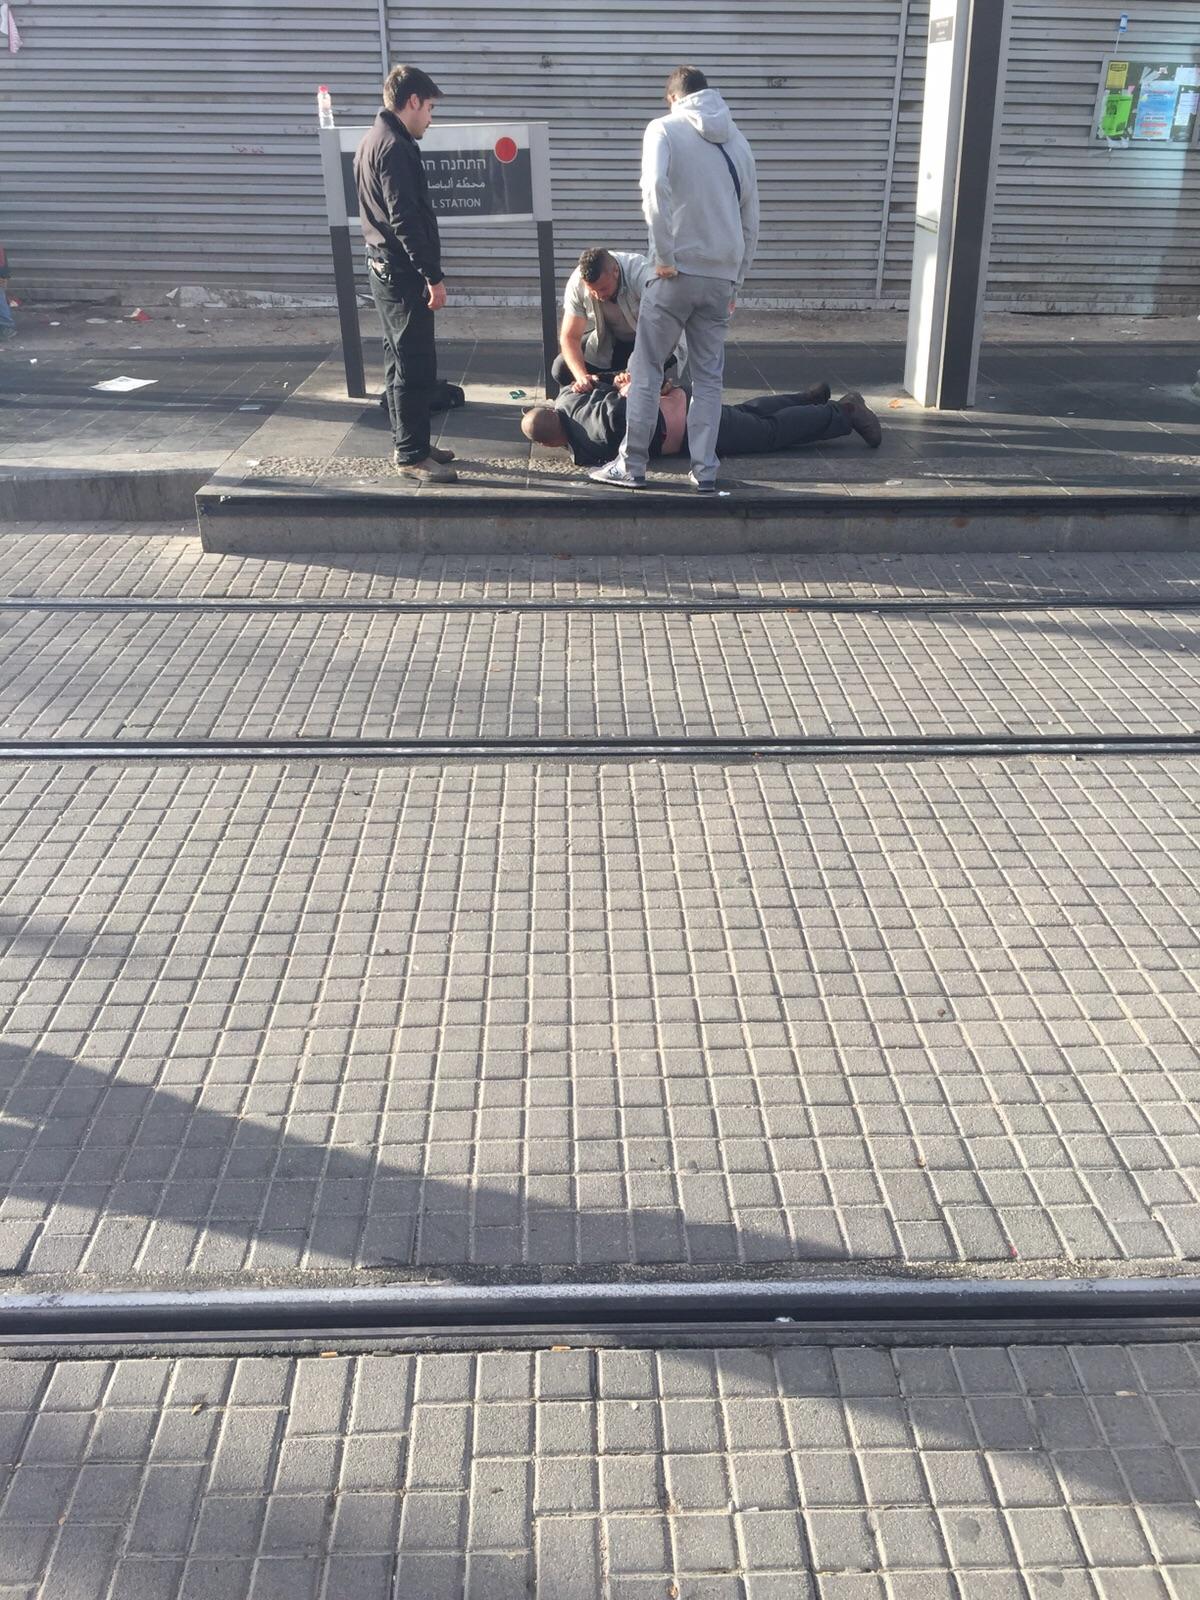 Arab Man with a Knife Apprehended at a Jerusalem Light Rail Station